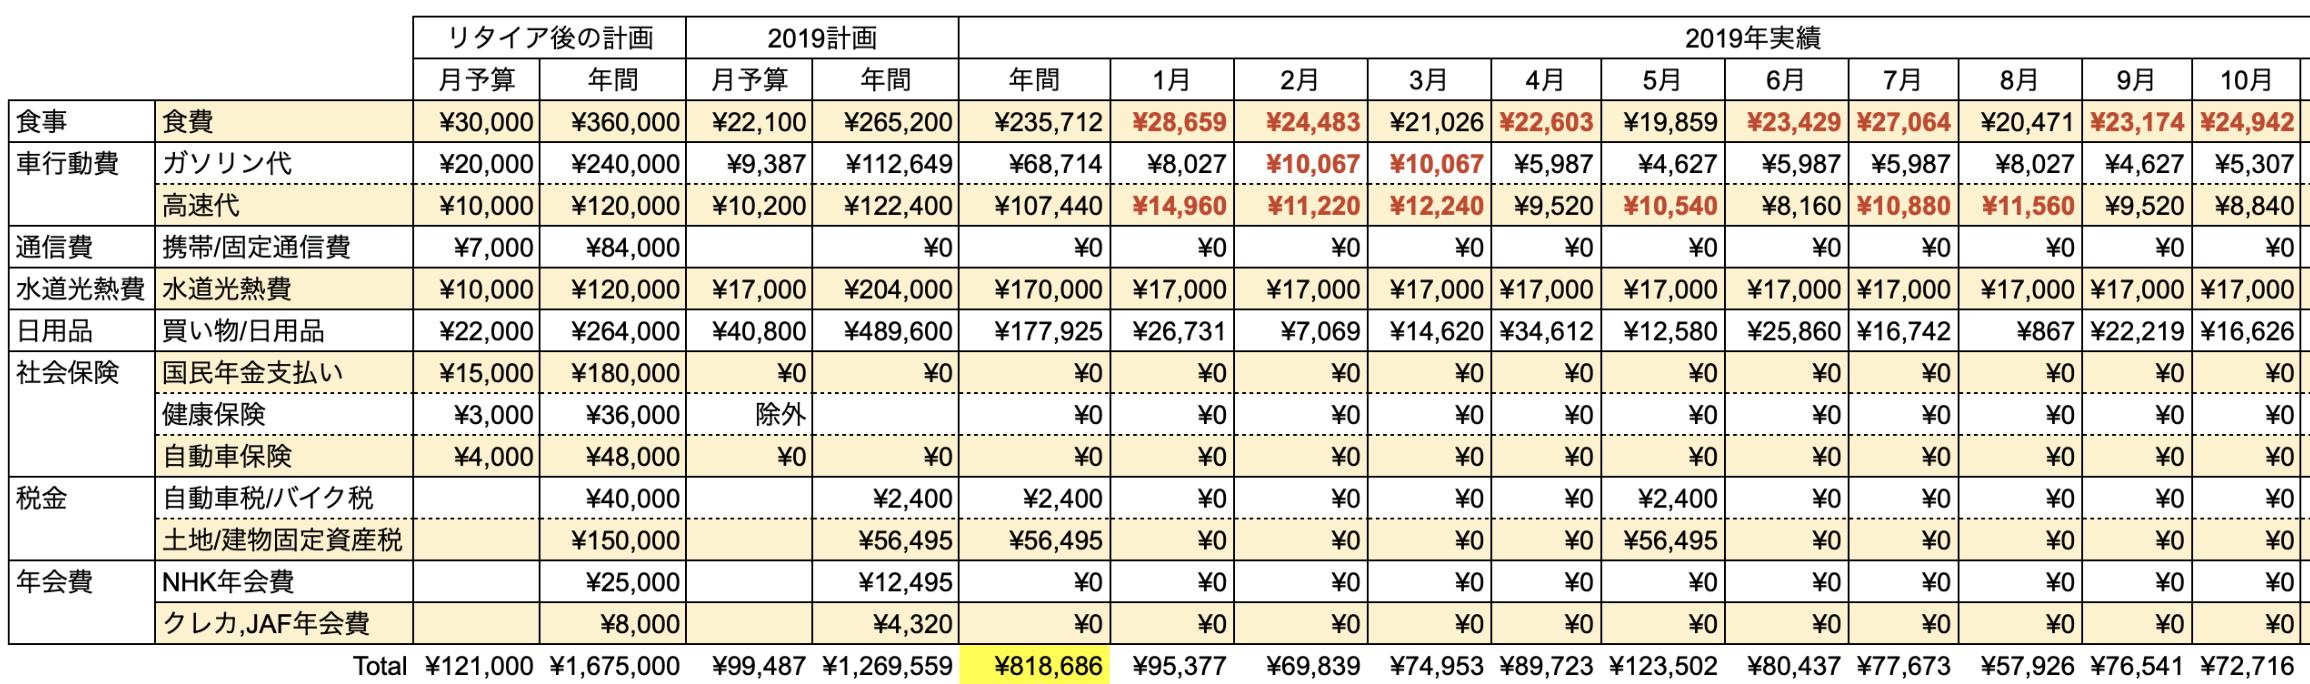 支出実績2019_10月_生活費